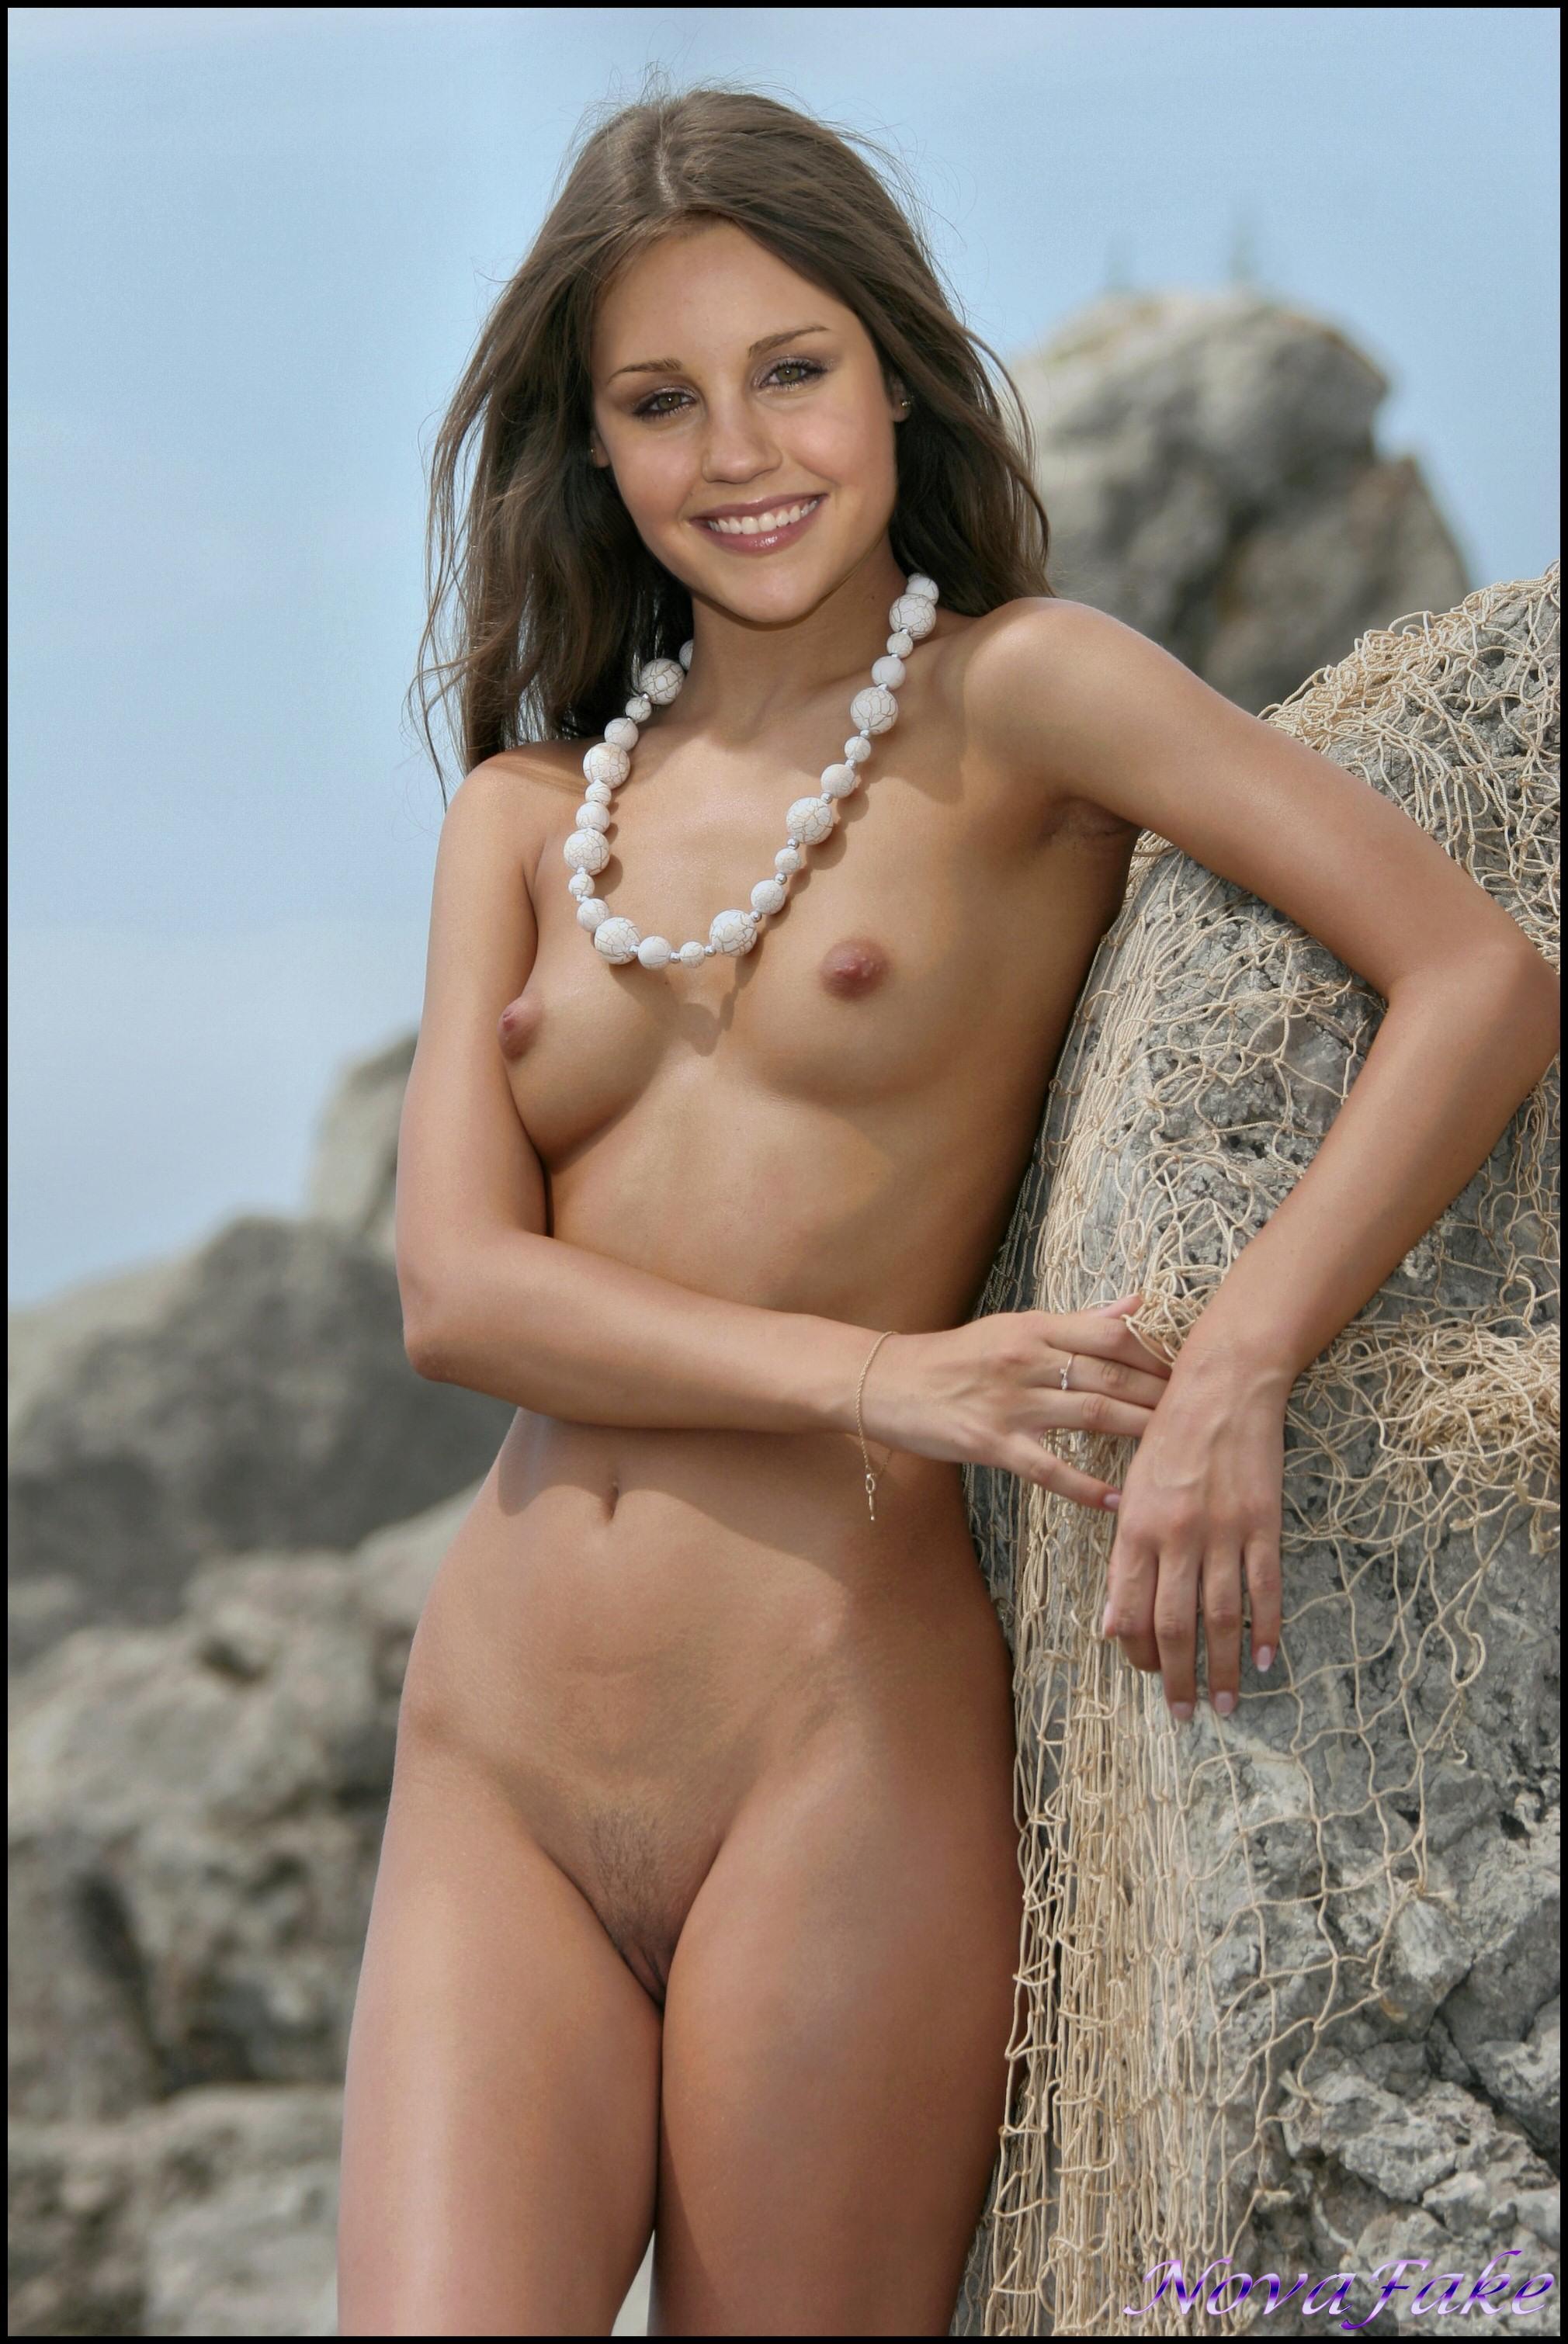 Amanda Bynes Nude Real amanda bynes naked fake « celebrity fakes 4u